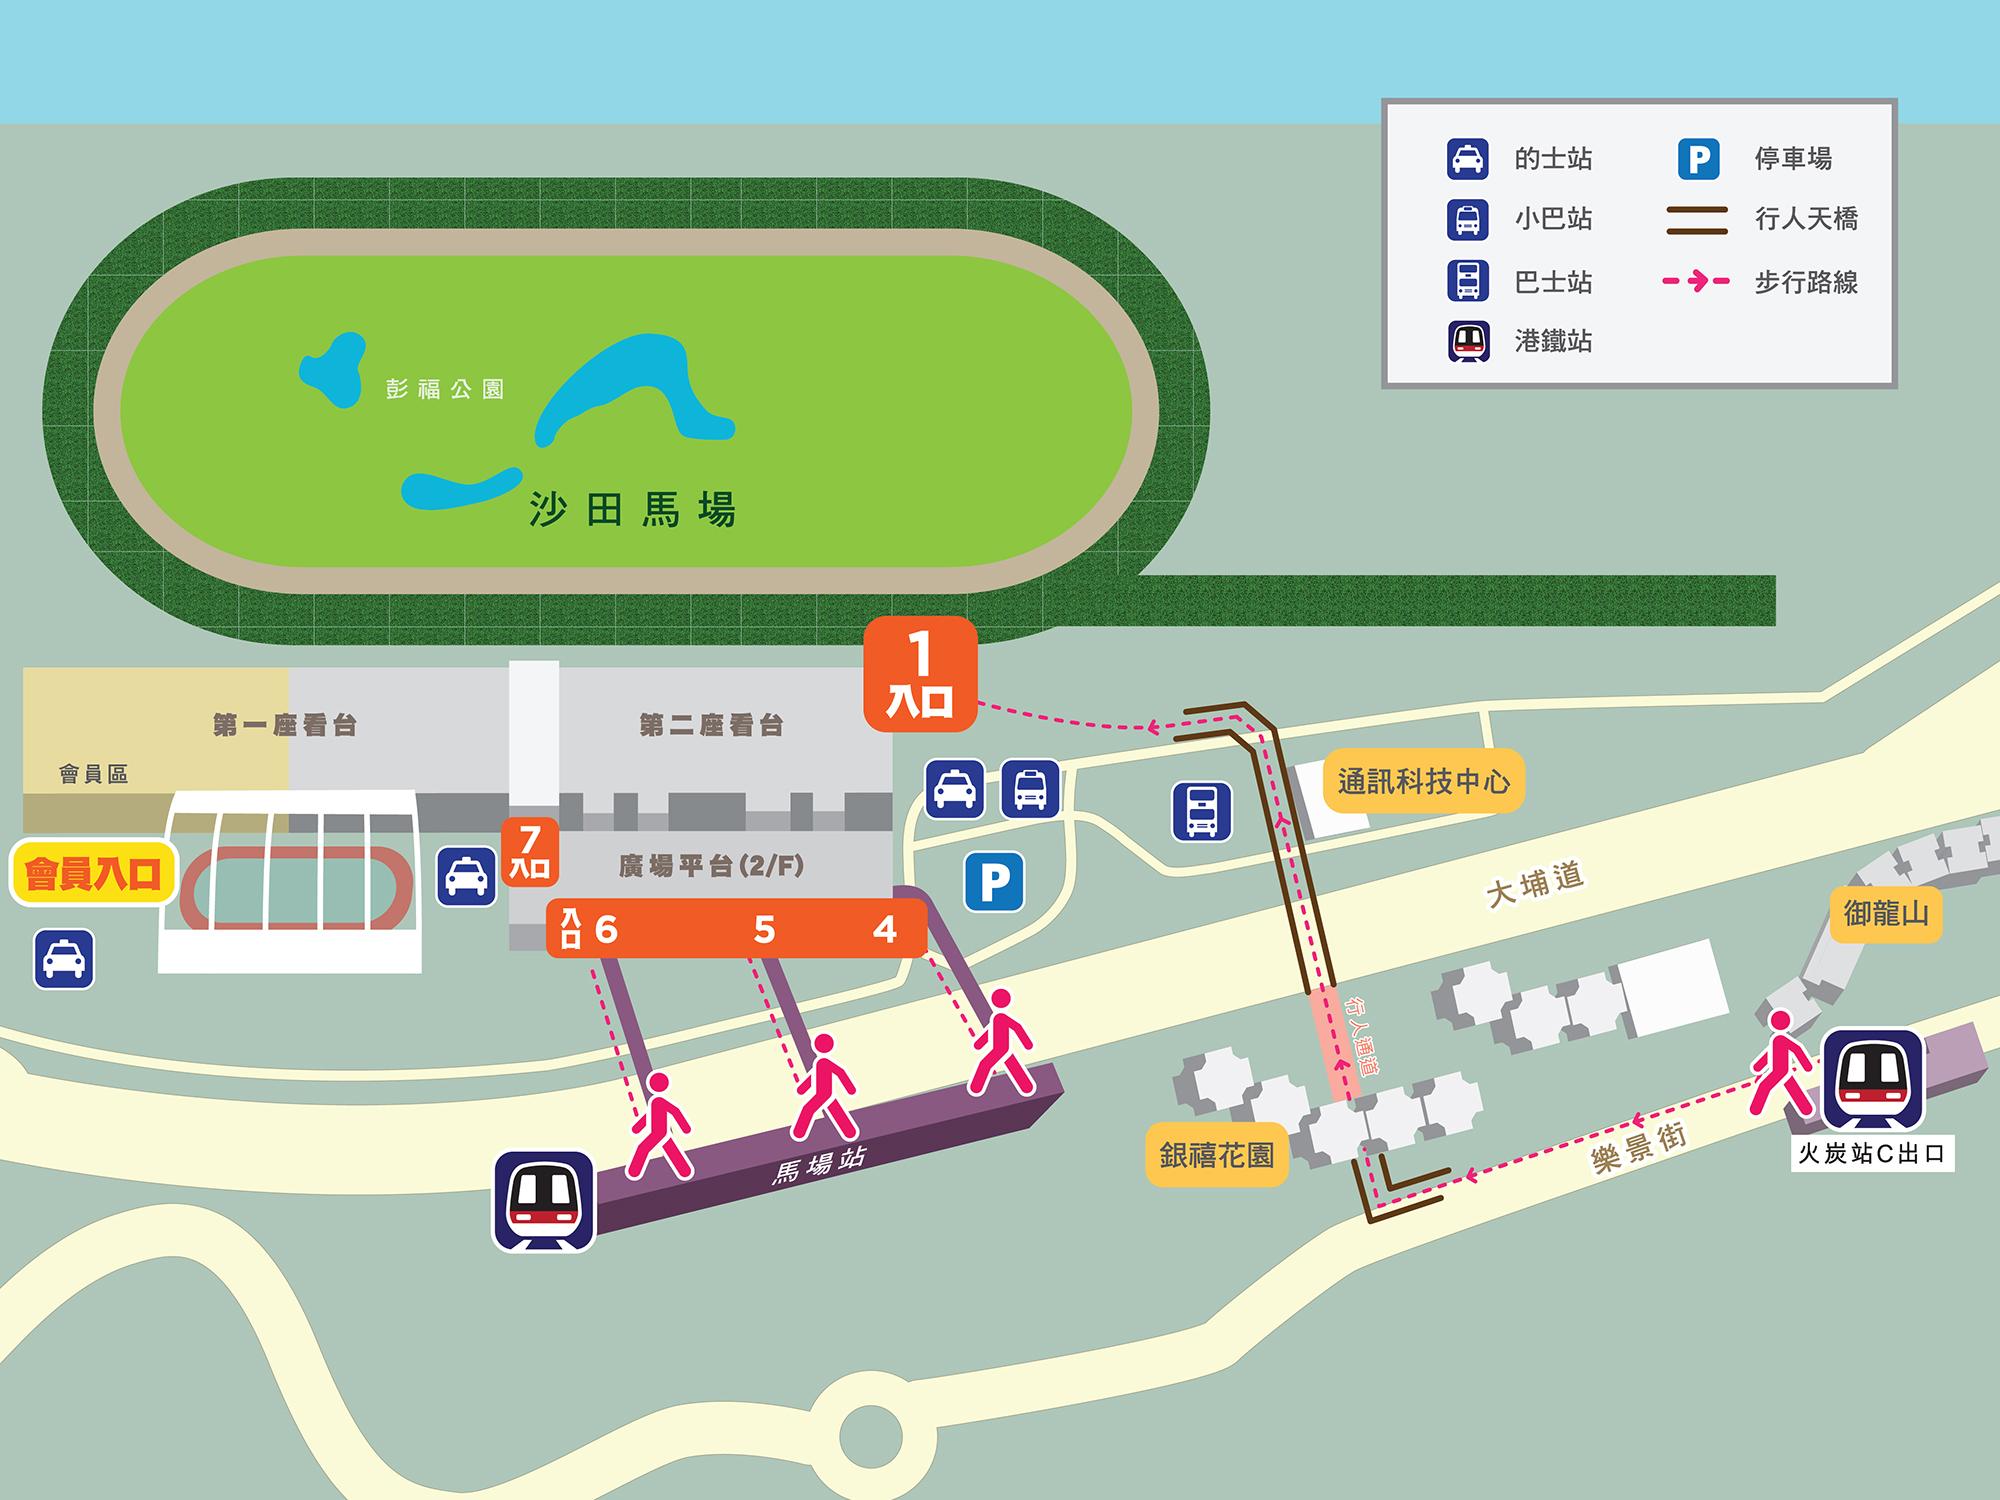 沙田馬場 - 進場觀賽 - 馬場及娛樂 - 香港賽馬會